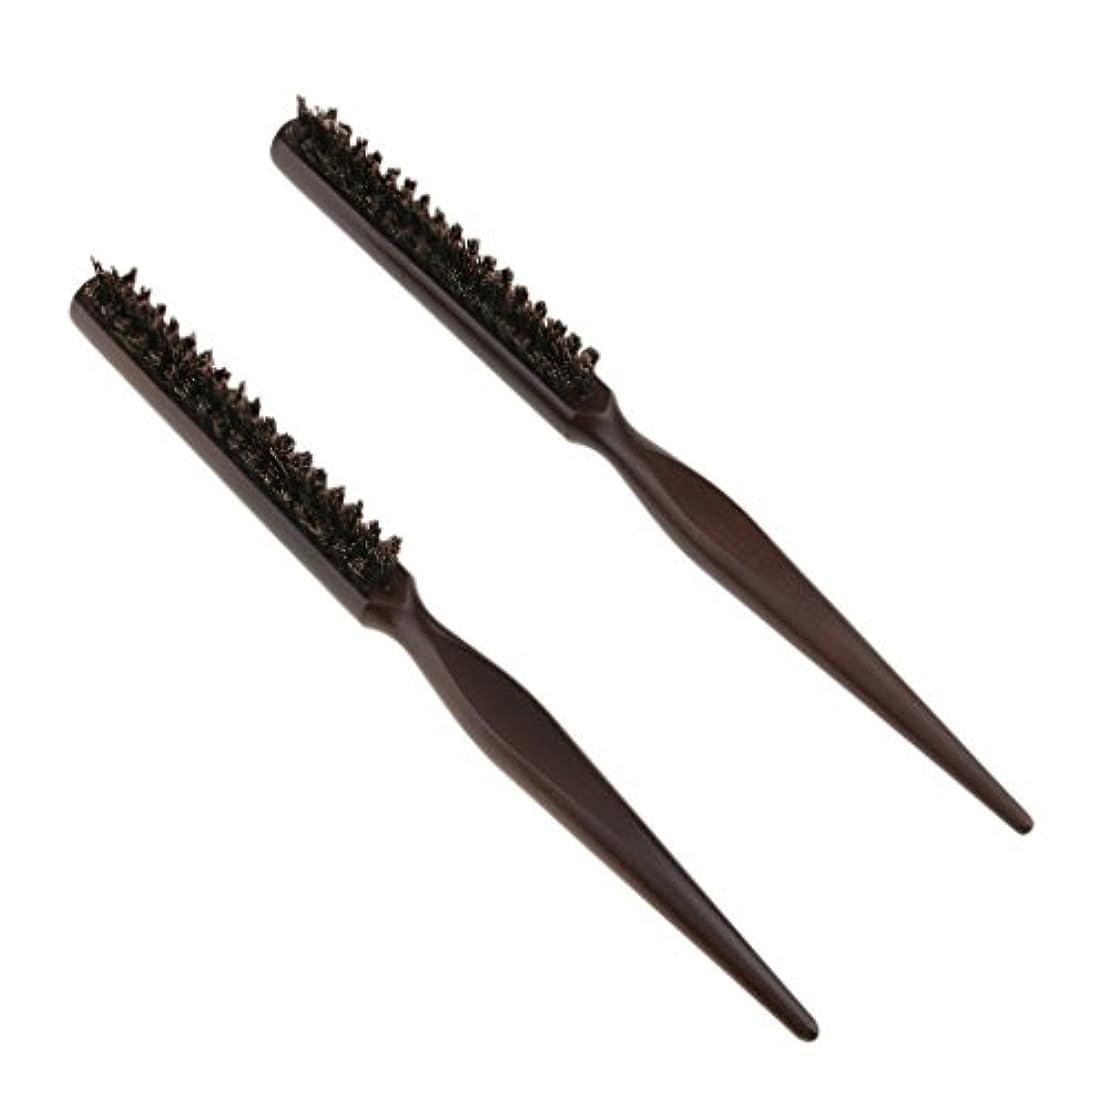 モディッシュ強います洞察力2本3行木材自然の剛毛のおしゃぶりブラシの後ろのブラシのブラシ24センチメートル